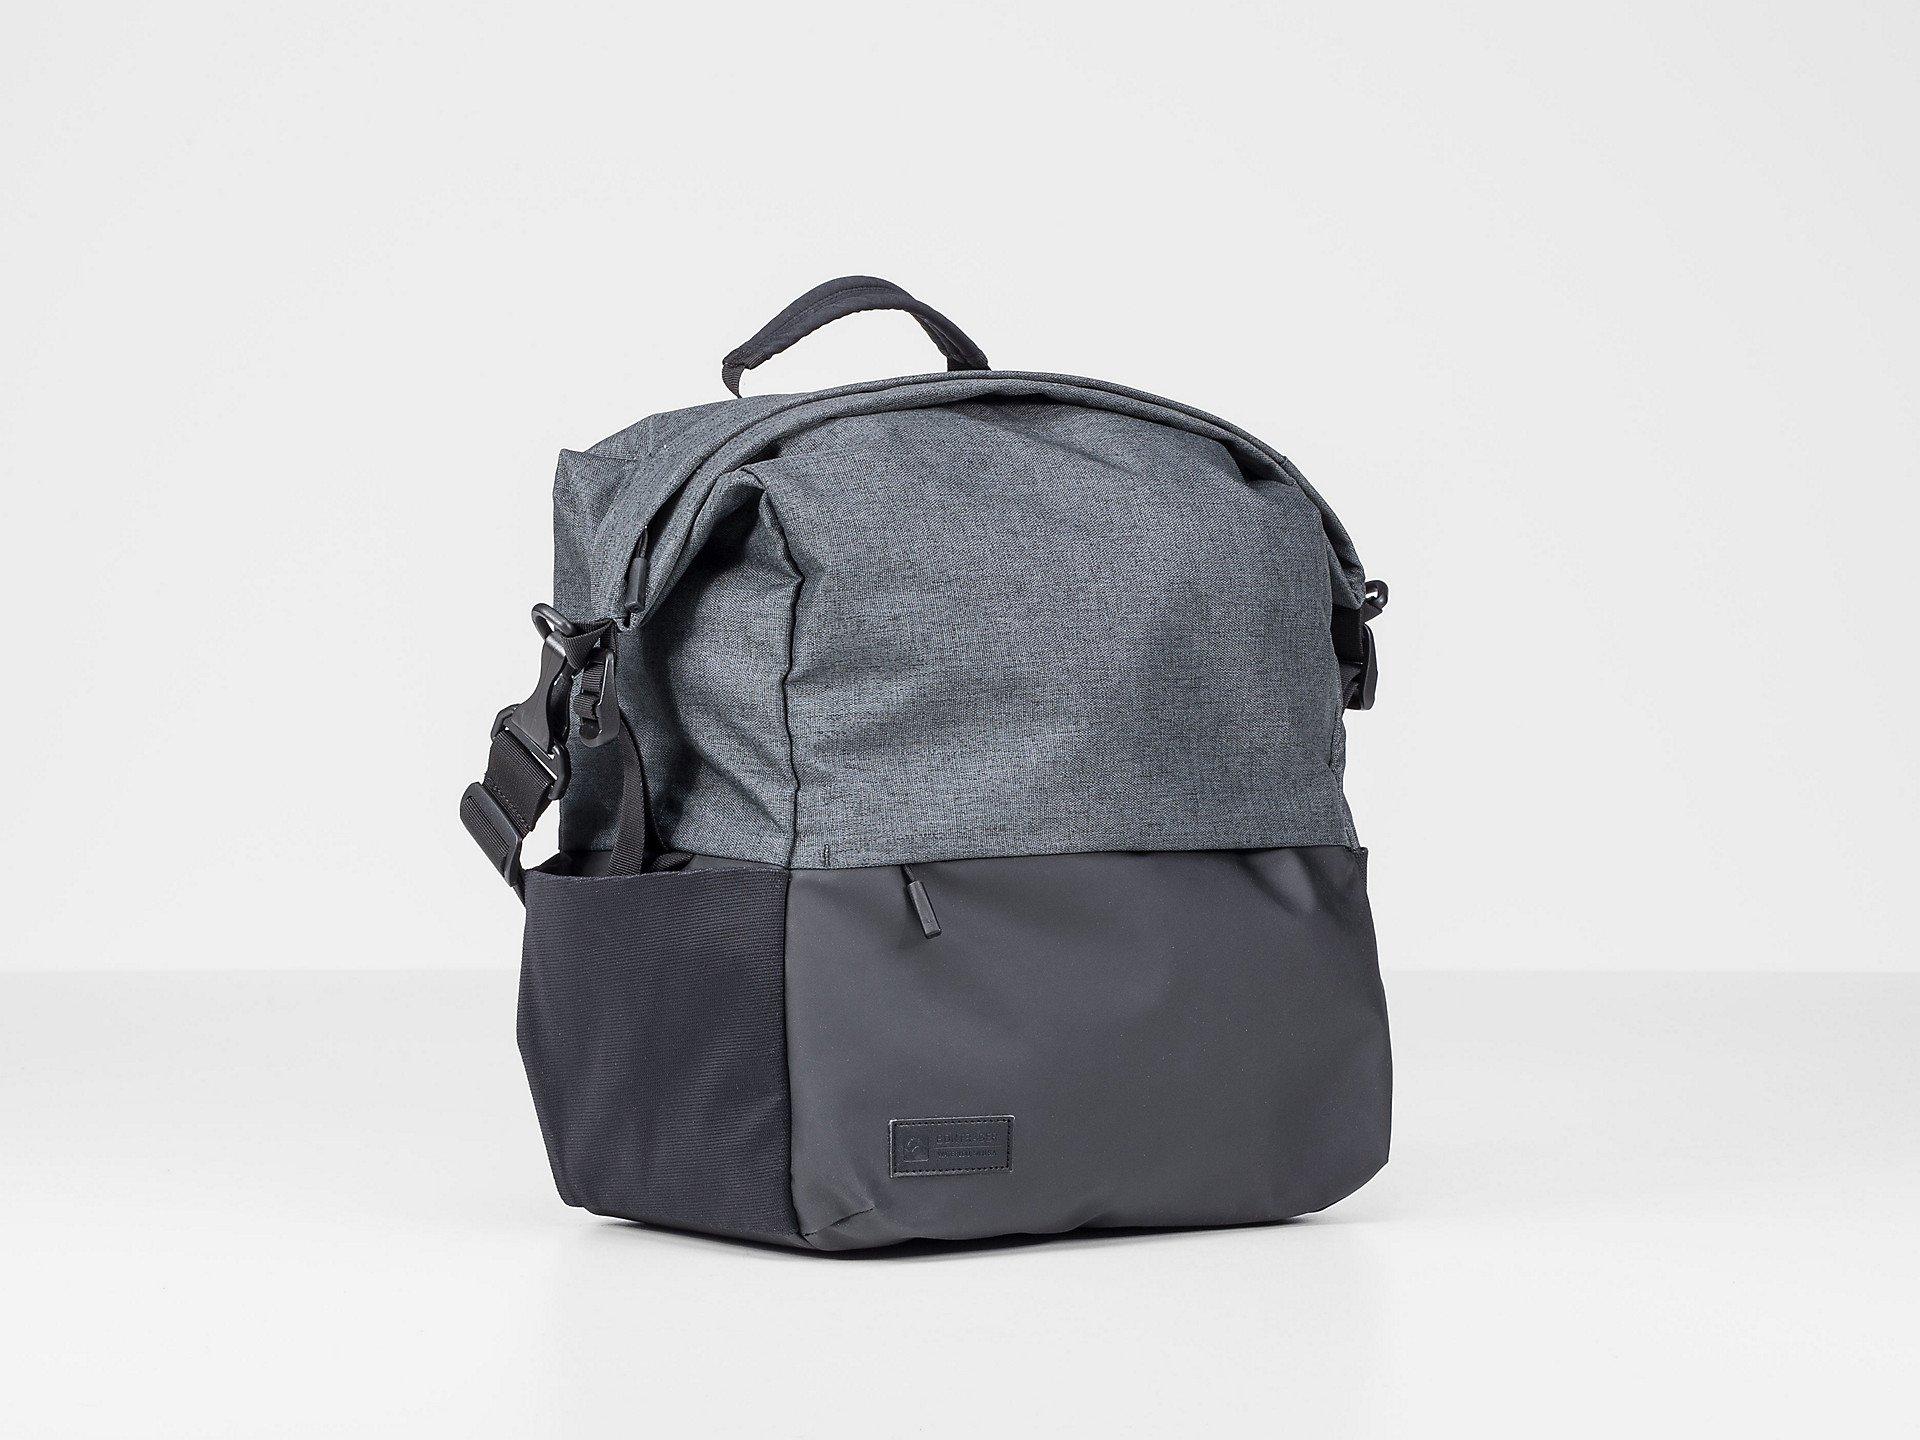 Bontrager Bag City Shopper